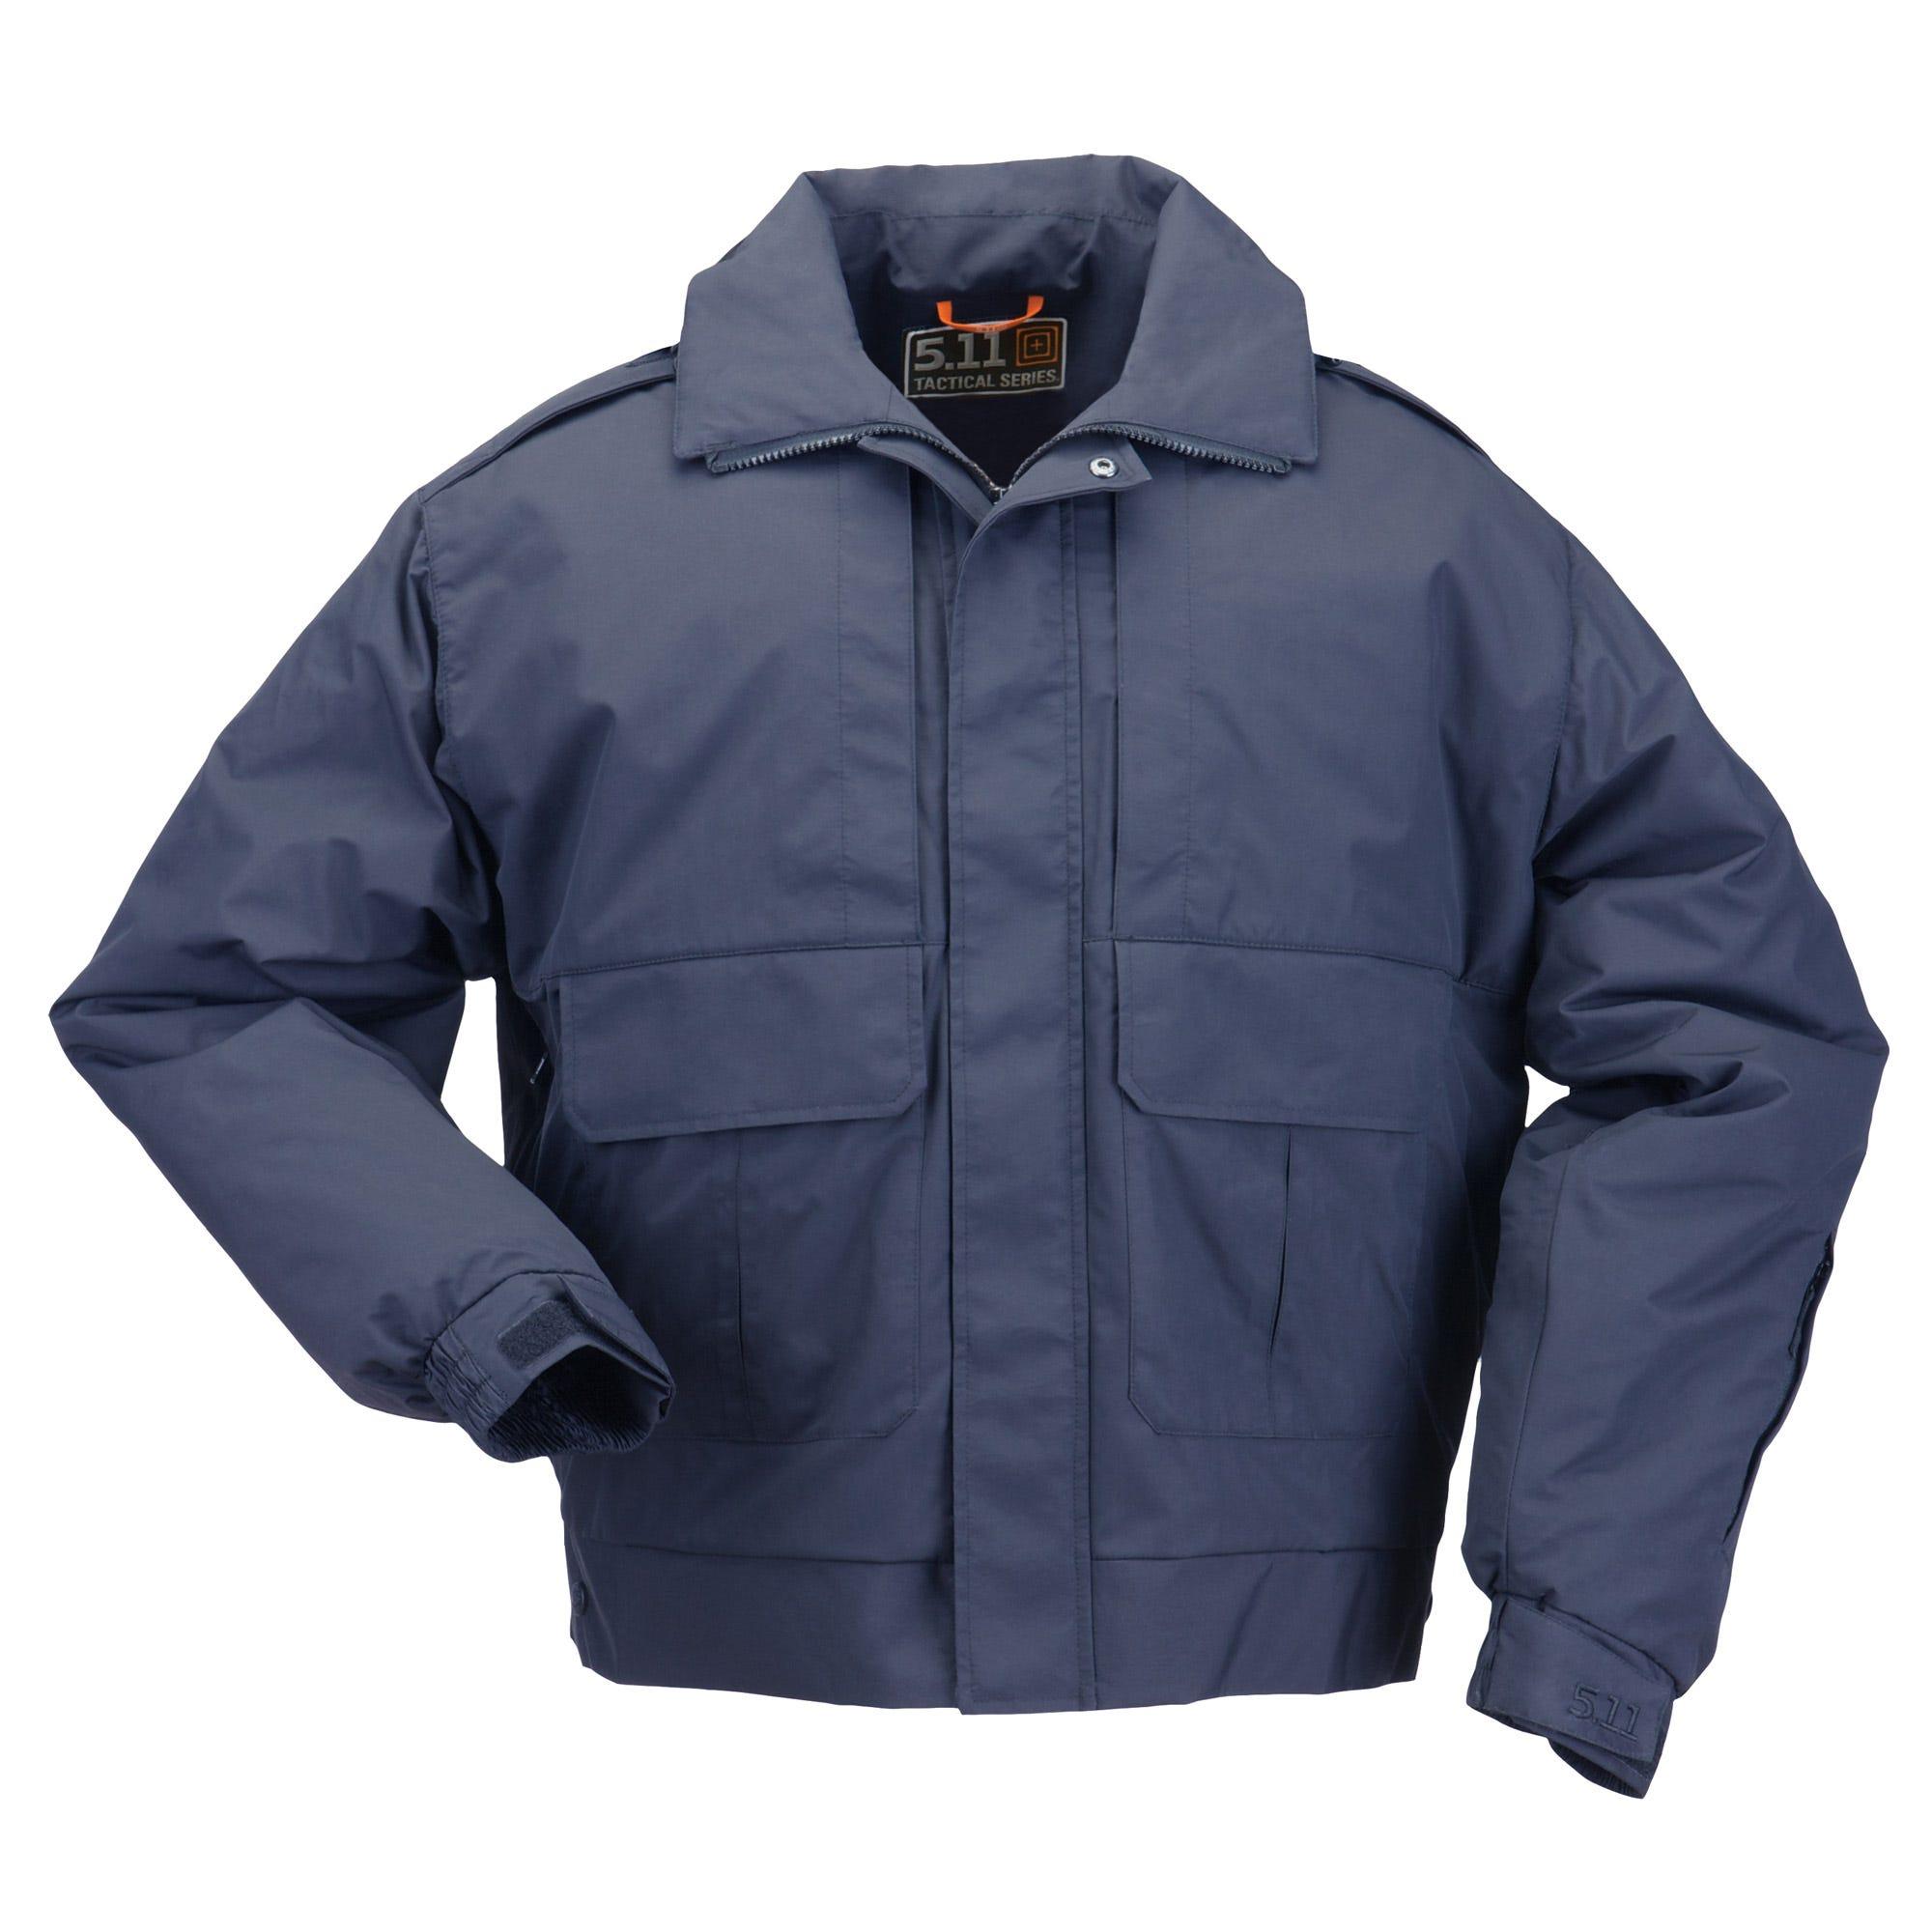 5.11 Tactical Men's Signature Duty Jacket (Blue)